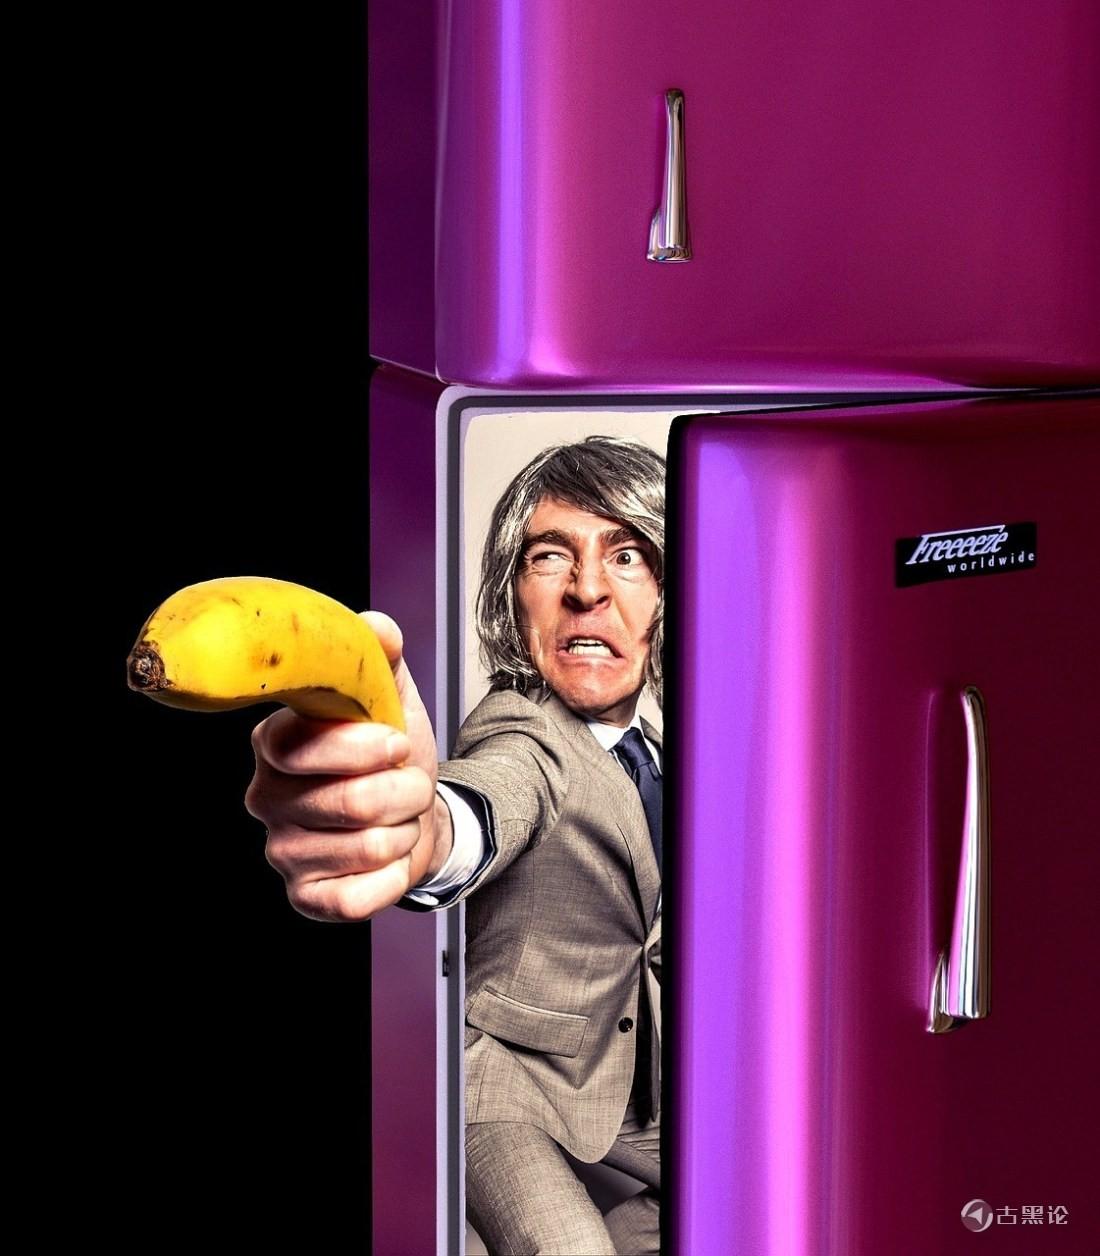 你家冰箱可以在法庭上指认你撒谎 00-1.jpg